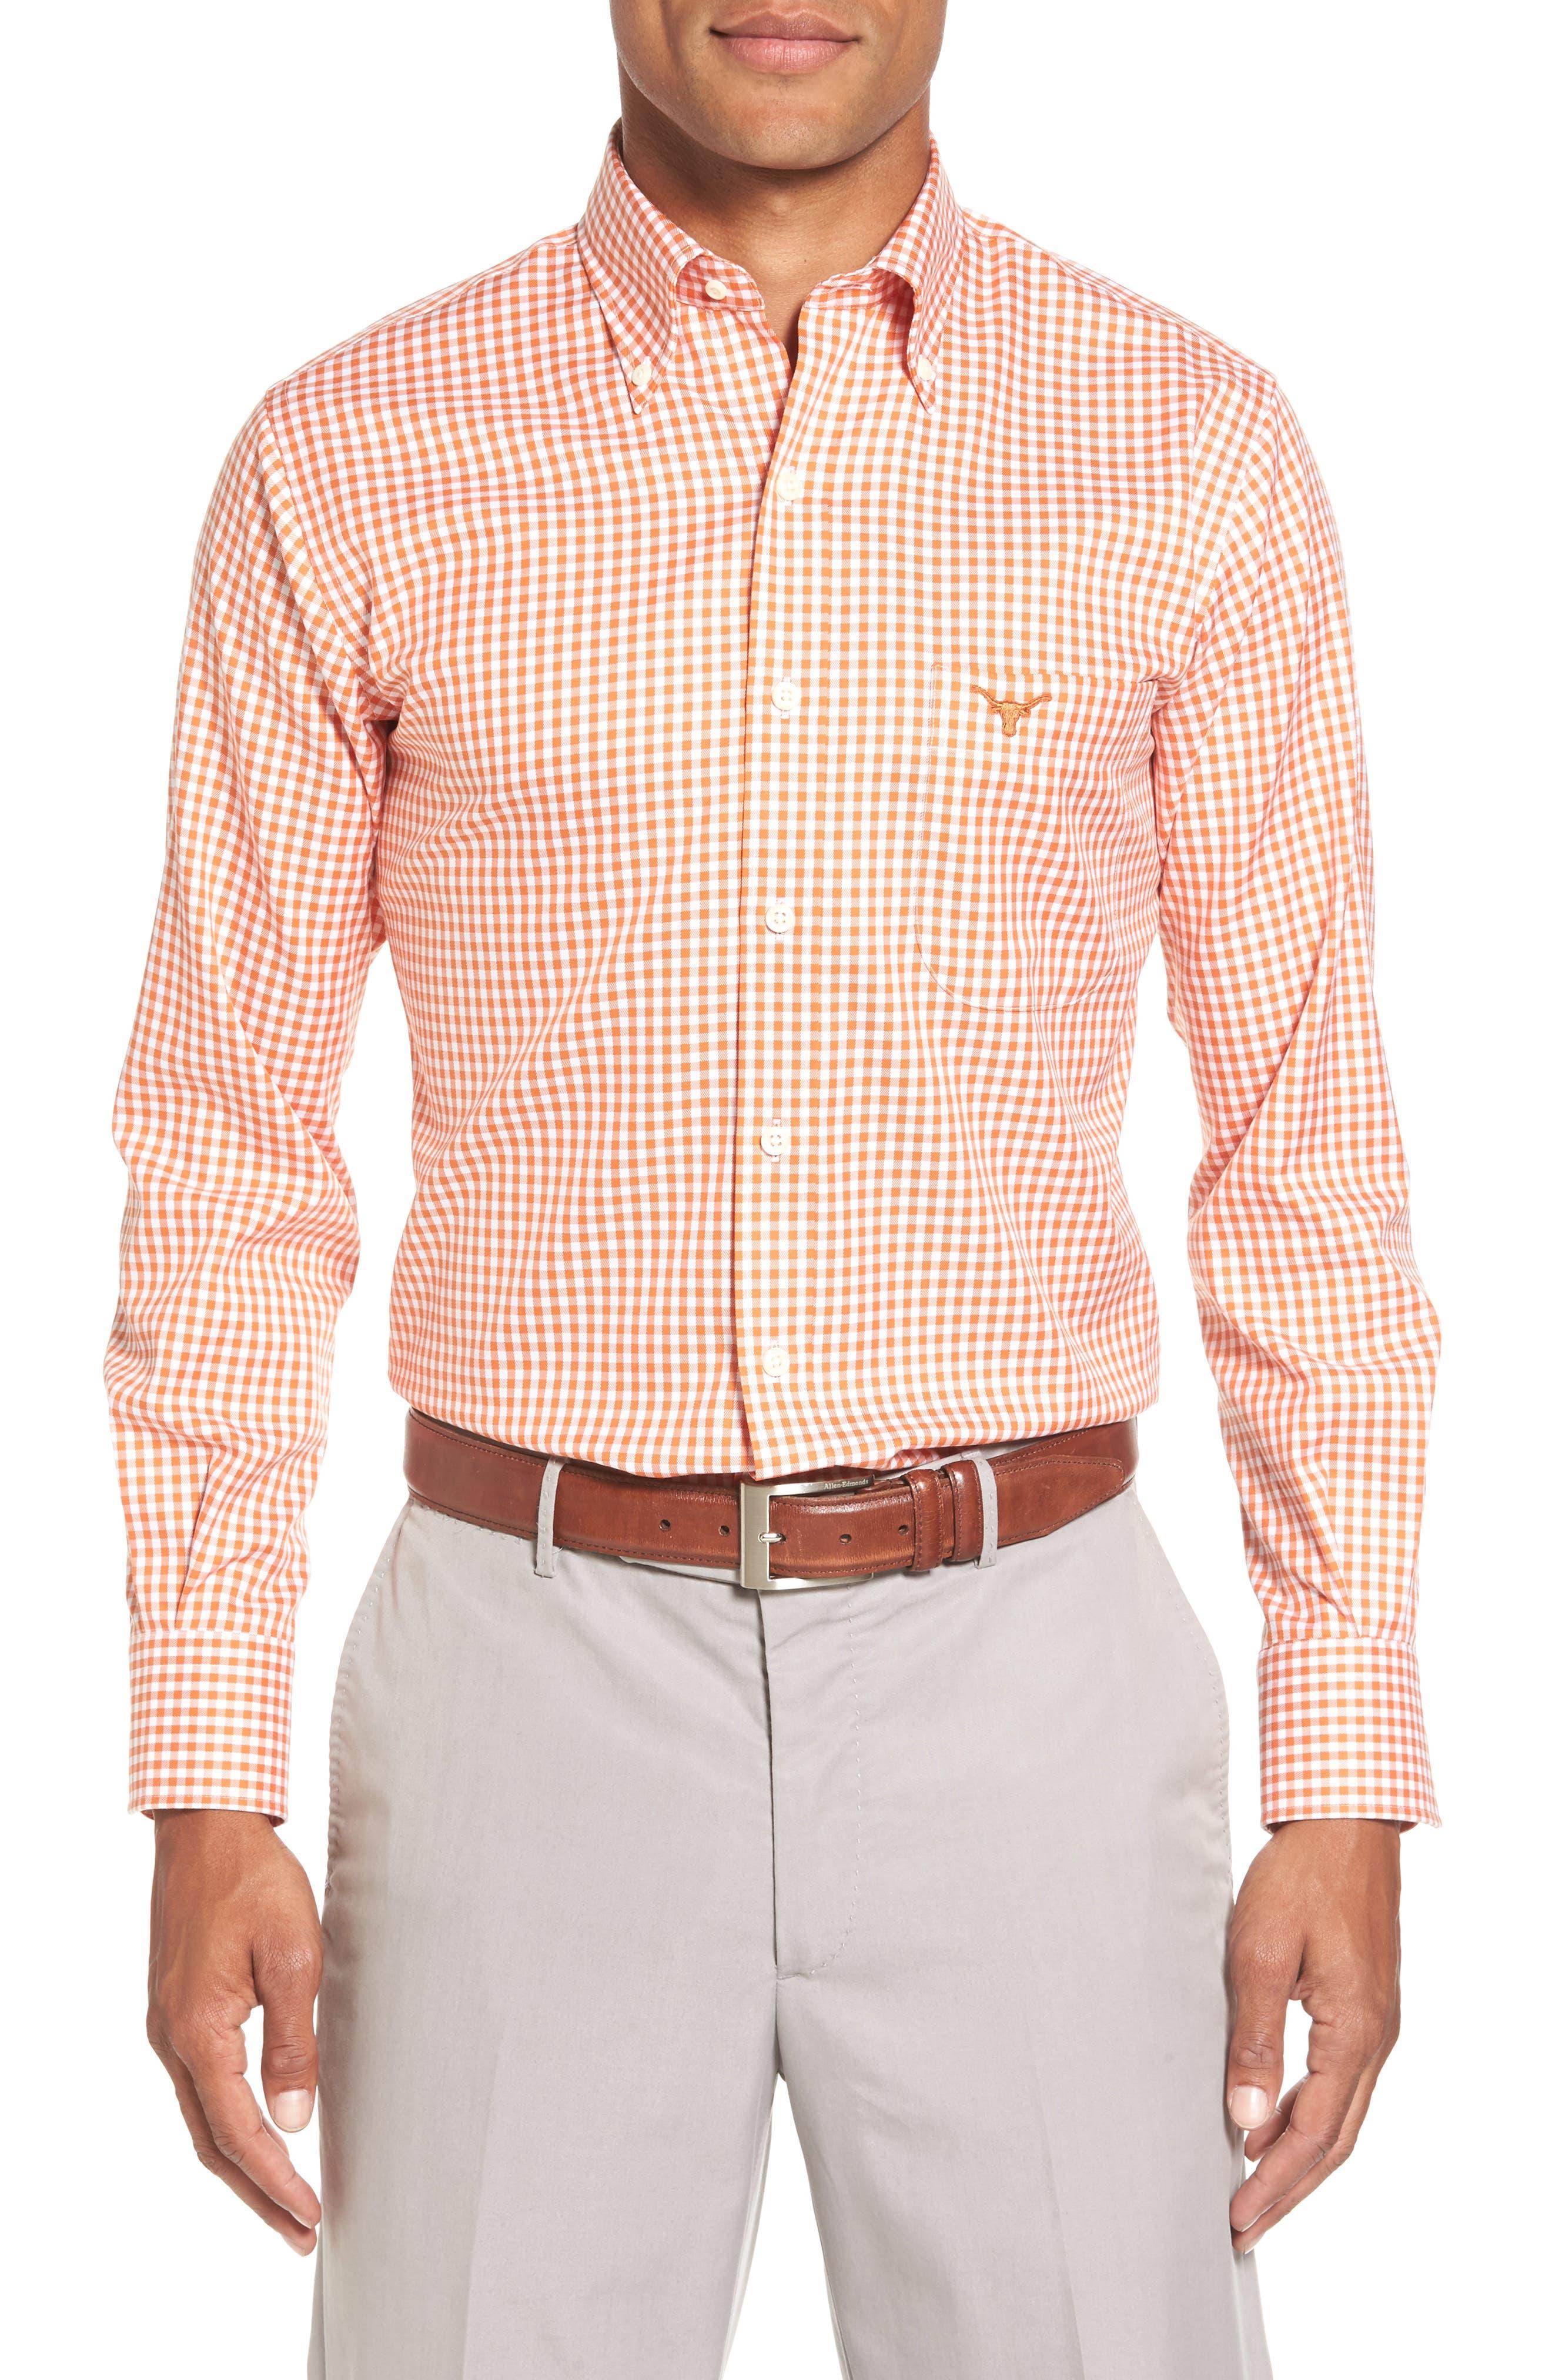 Main Image - Peter Millar Texas Regular Fit Microcheck Sport Shirt